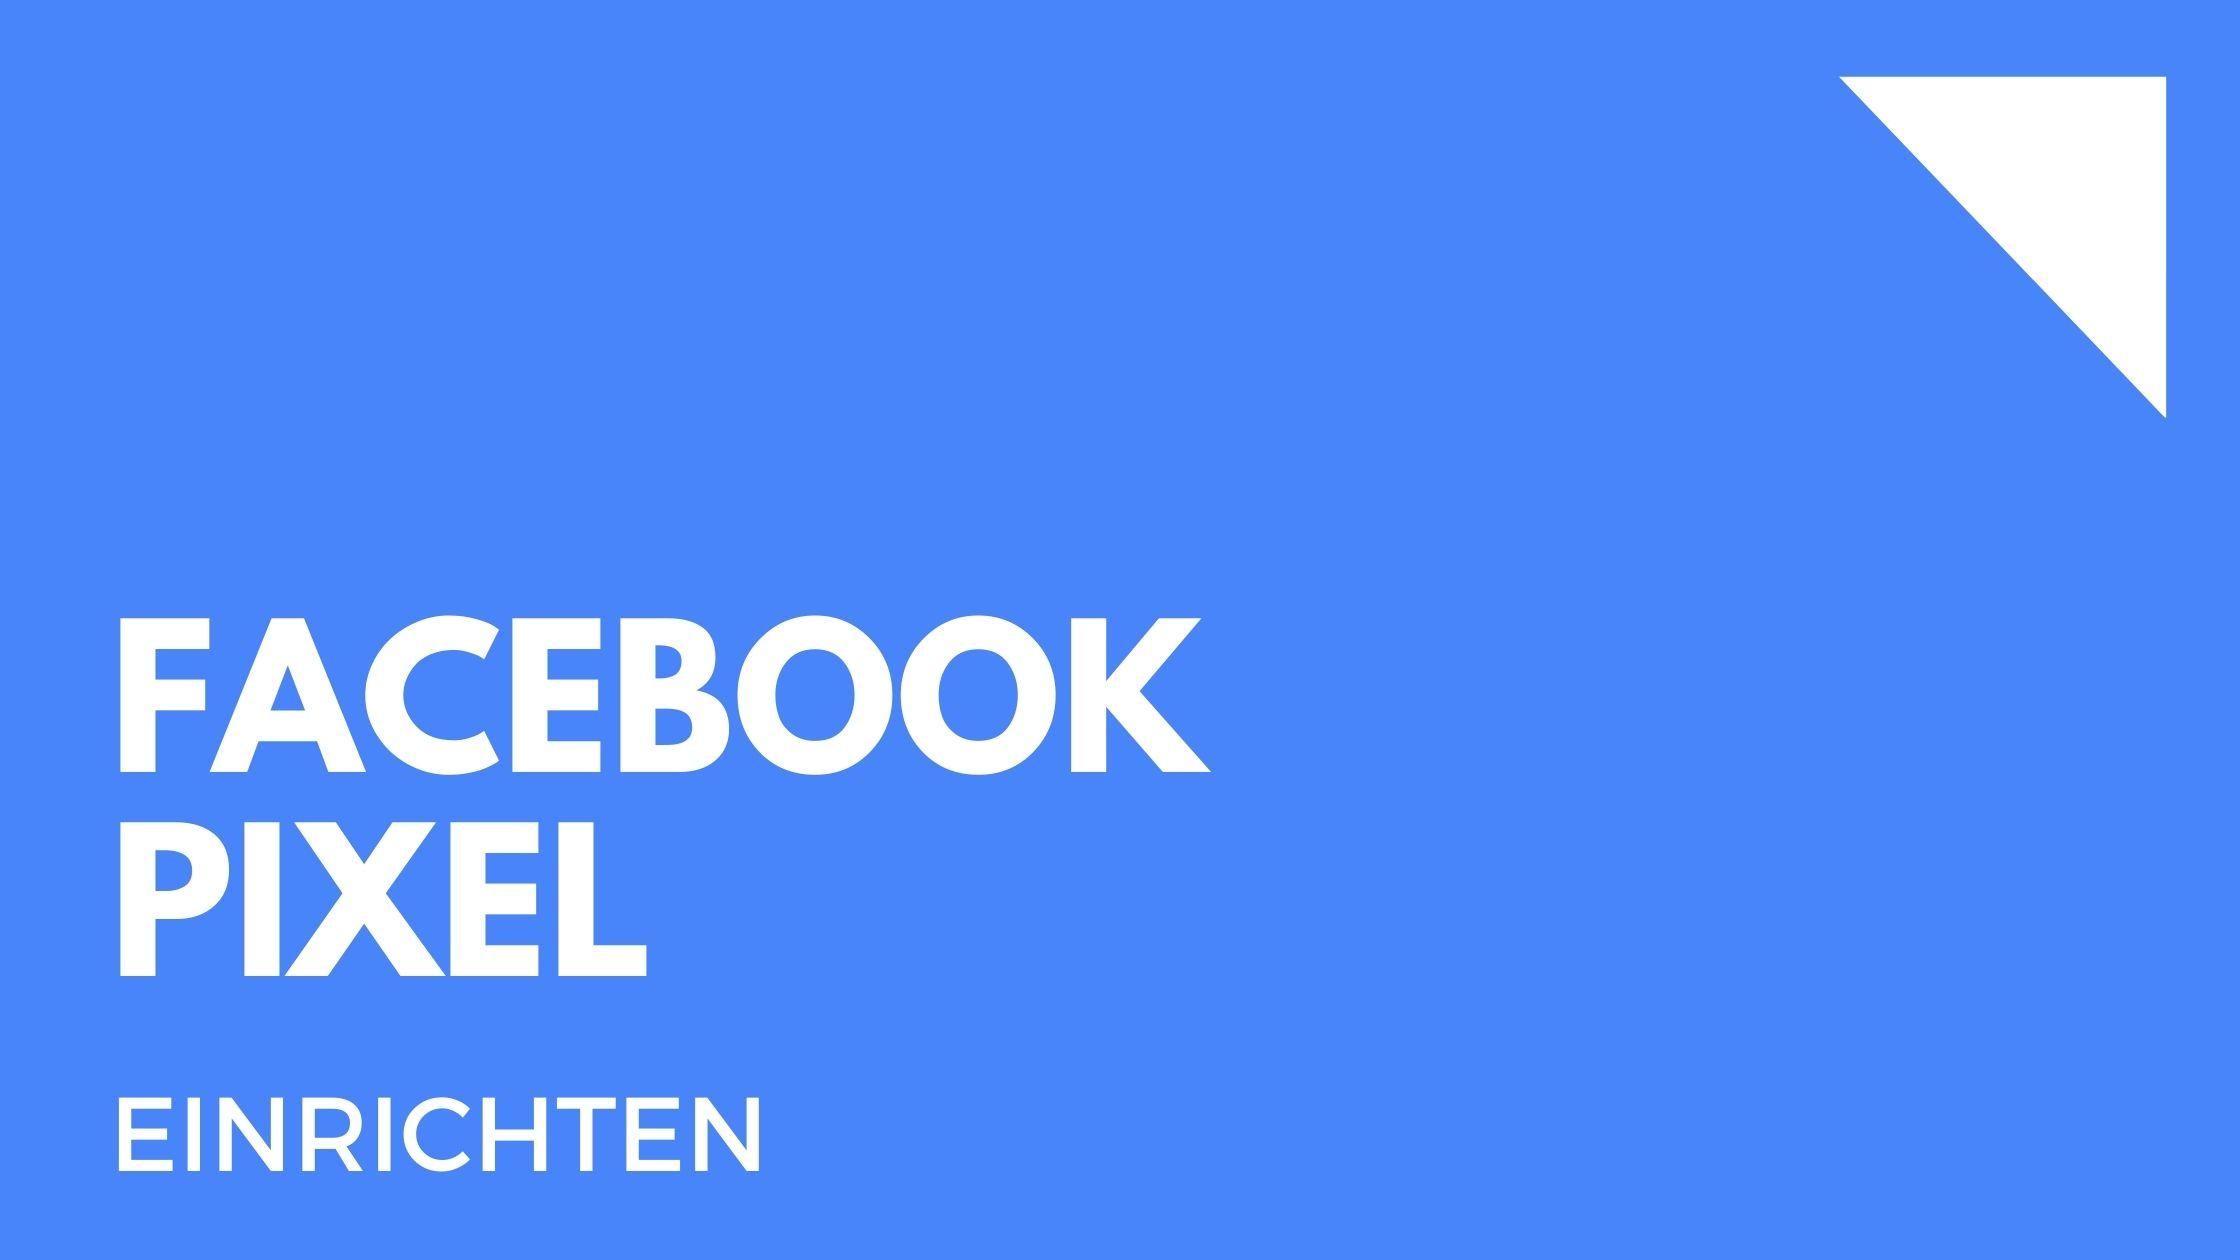 Facebook Pixel einrichten & konfigurieren: Tipps aus der Praxis